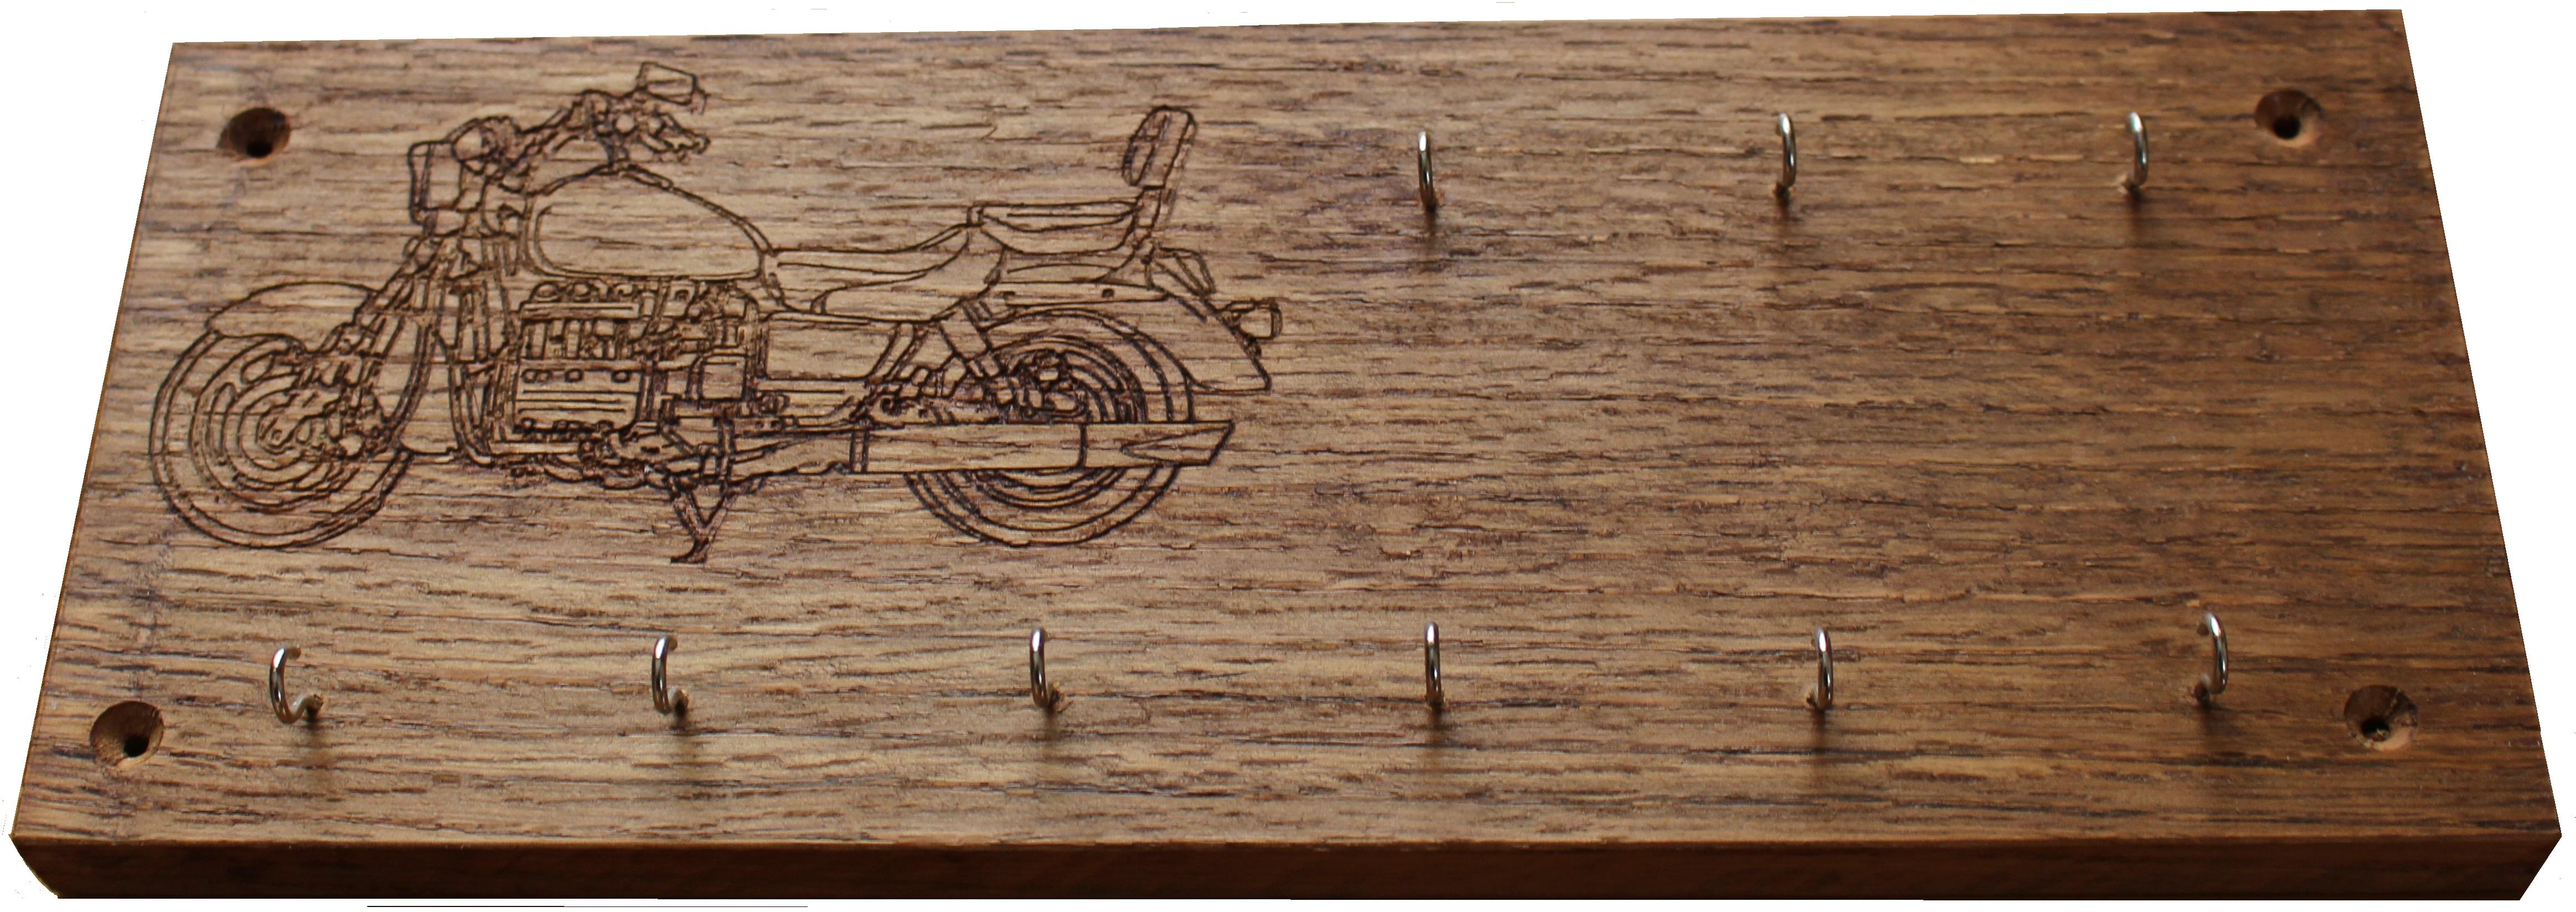 keys board 2.jpg